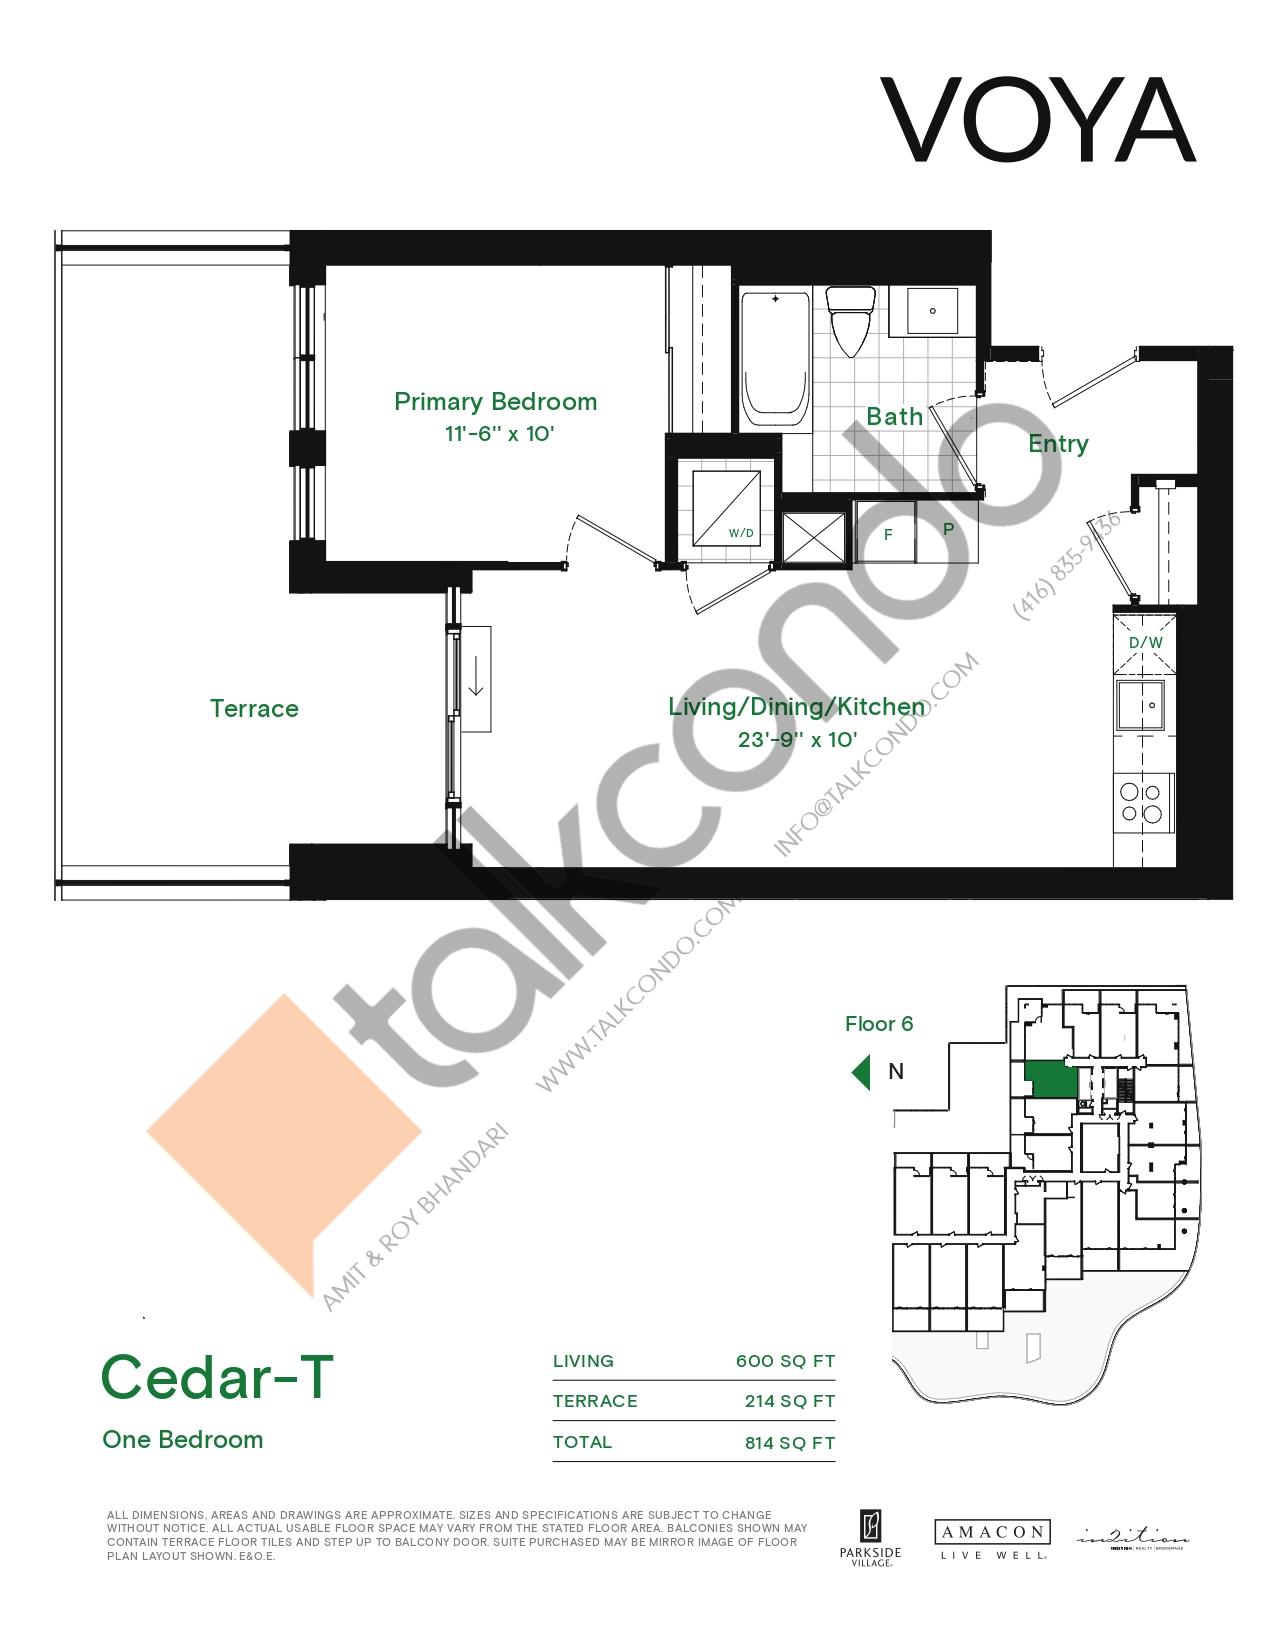 Cedar-T Floor Plan at Voya at Parkside Village Condos - 600 sq.ft